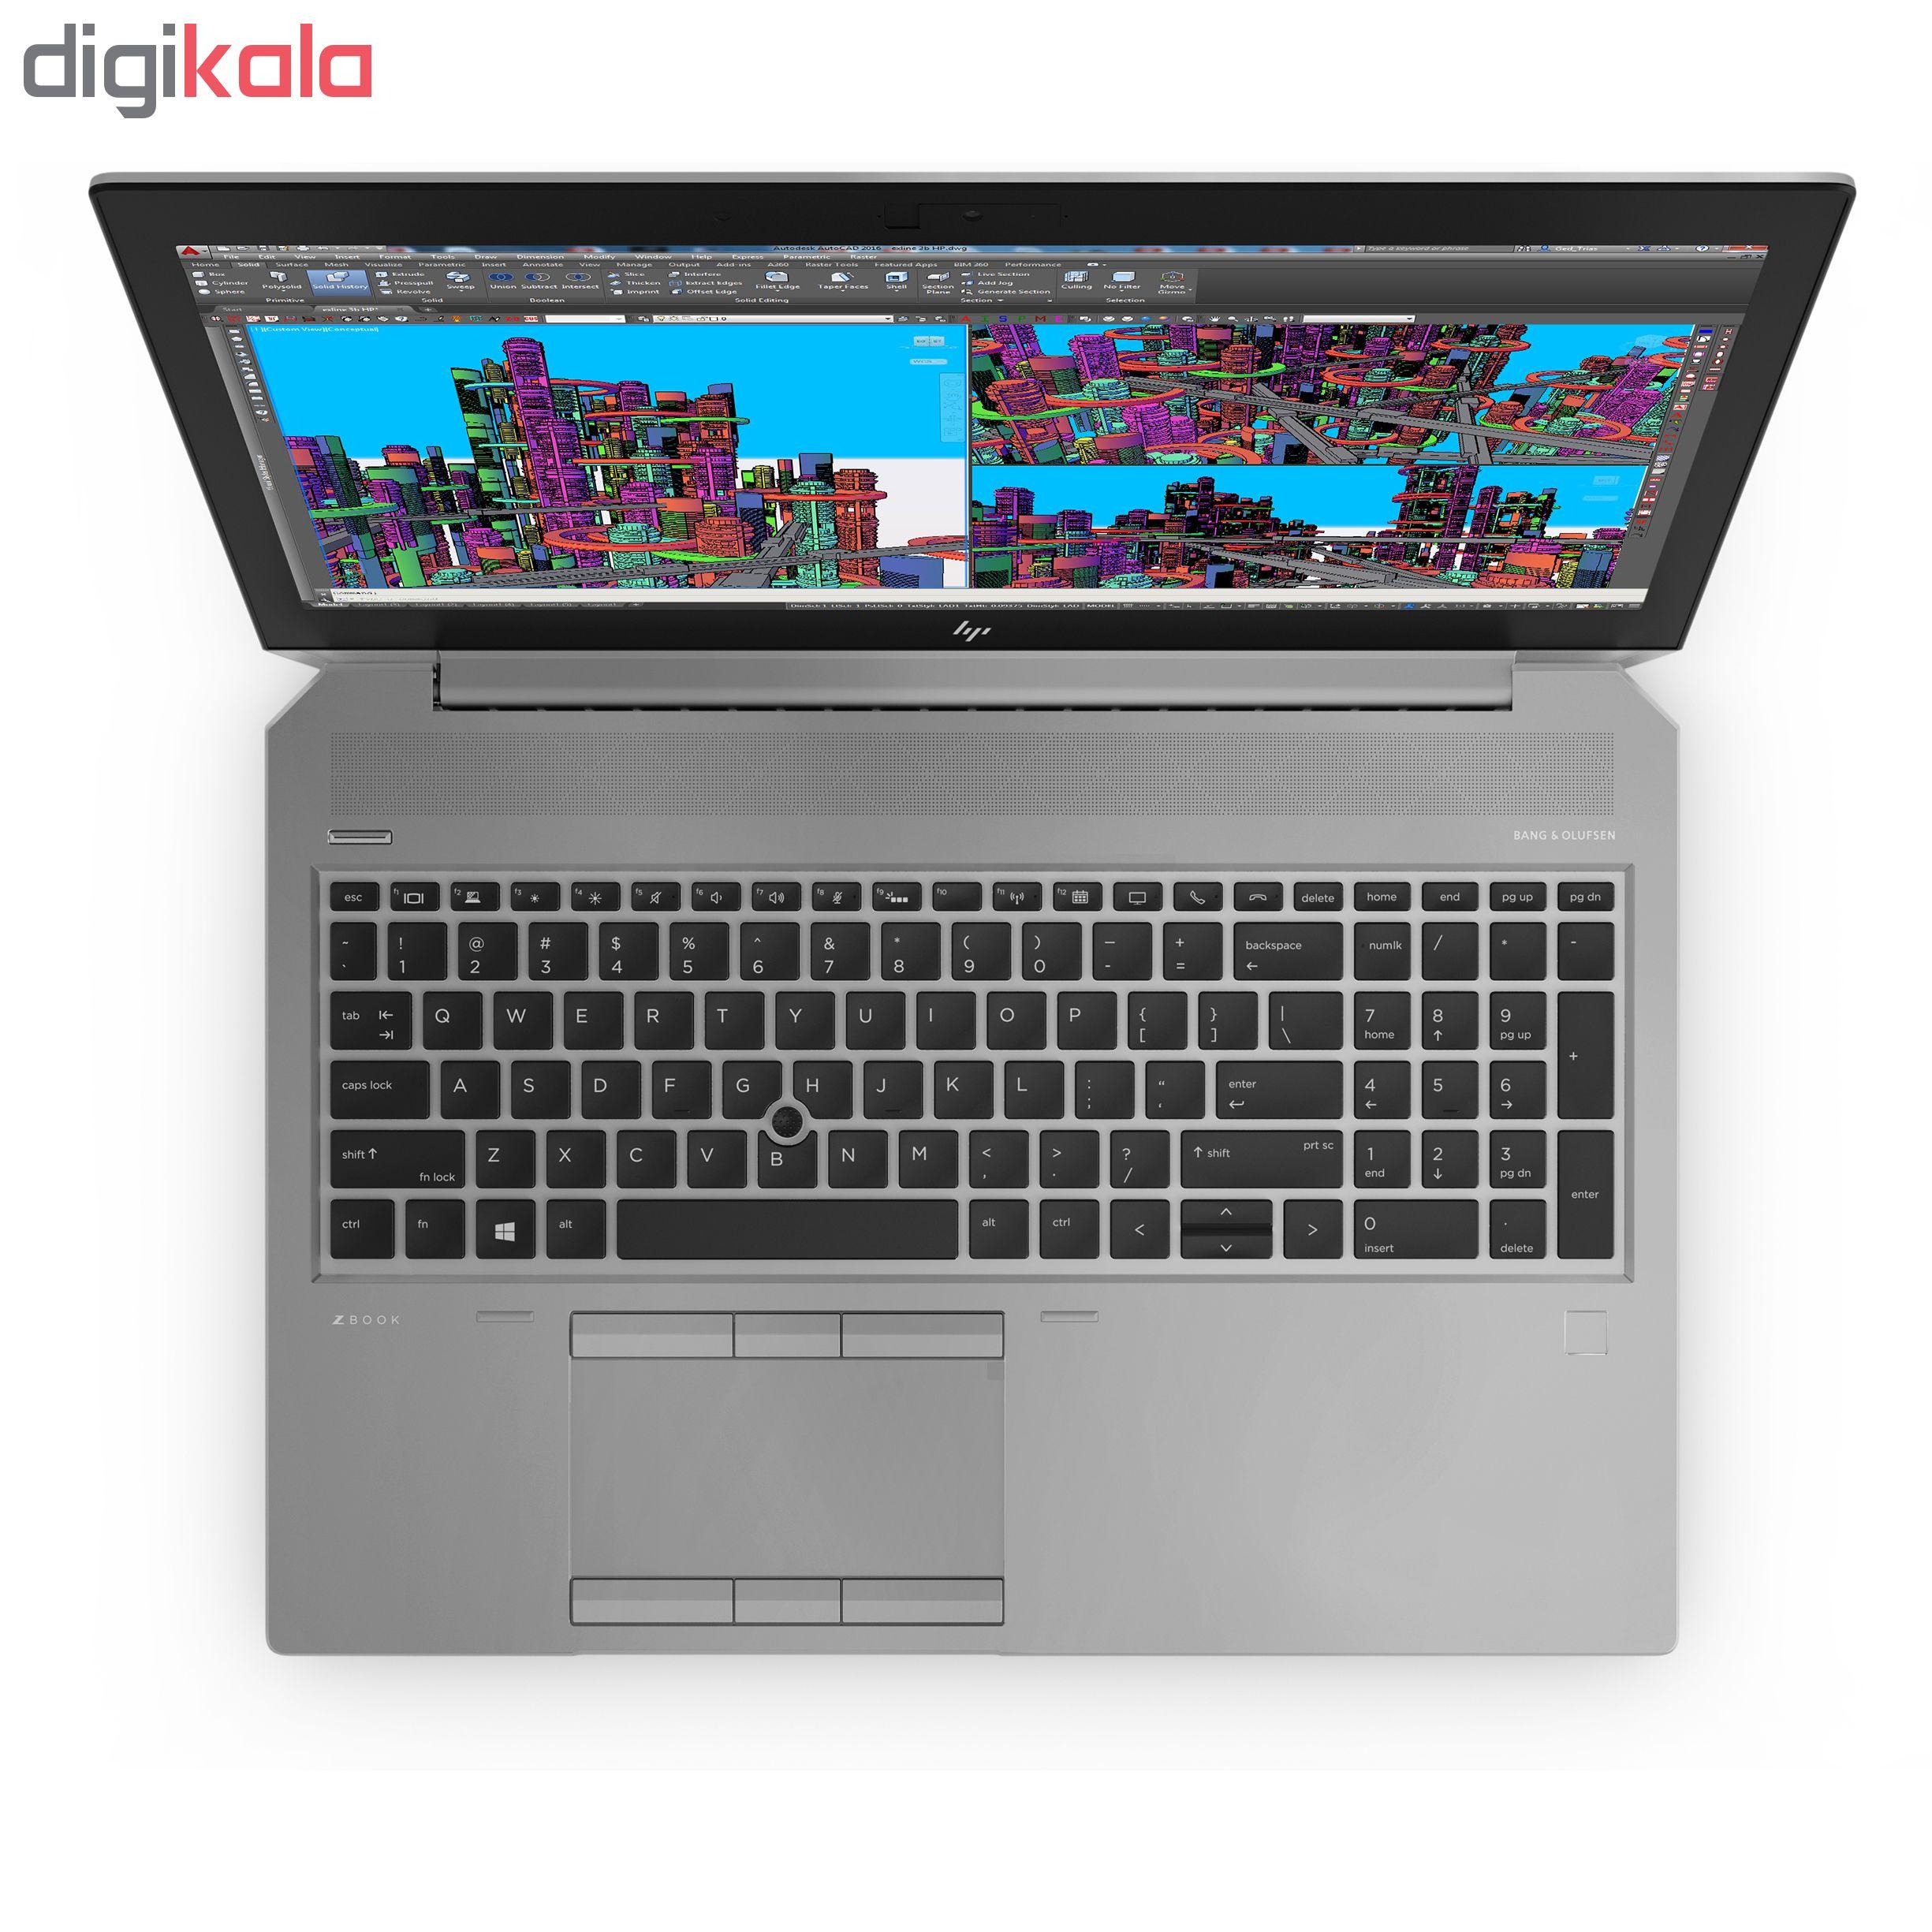 لپ تاپ 15 اینچی اچ پی مدل ZBook 15 G5 Mobile Workstation - D